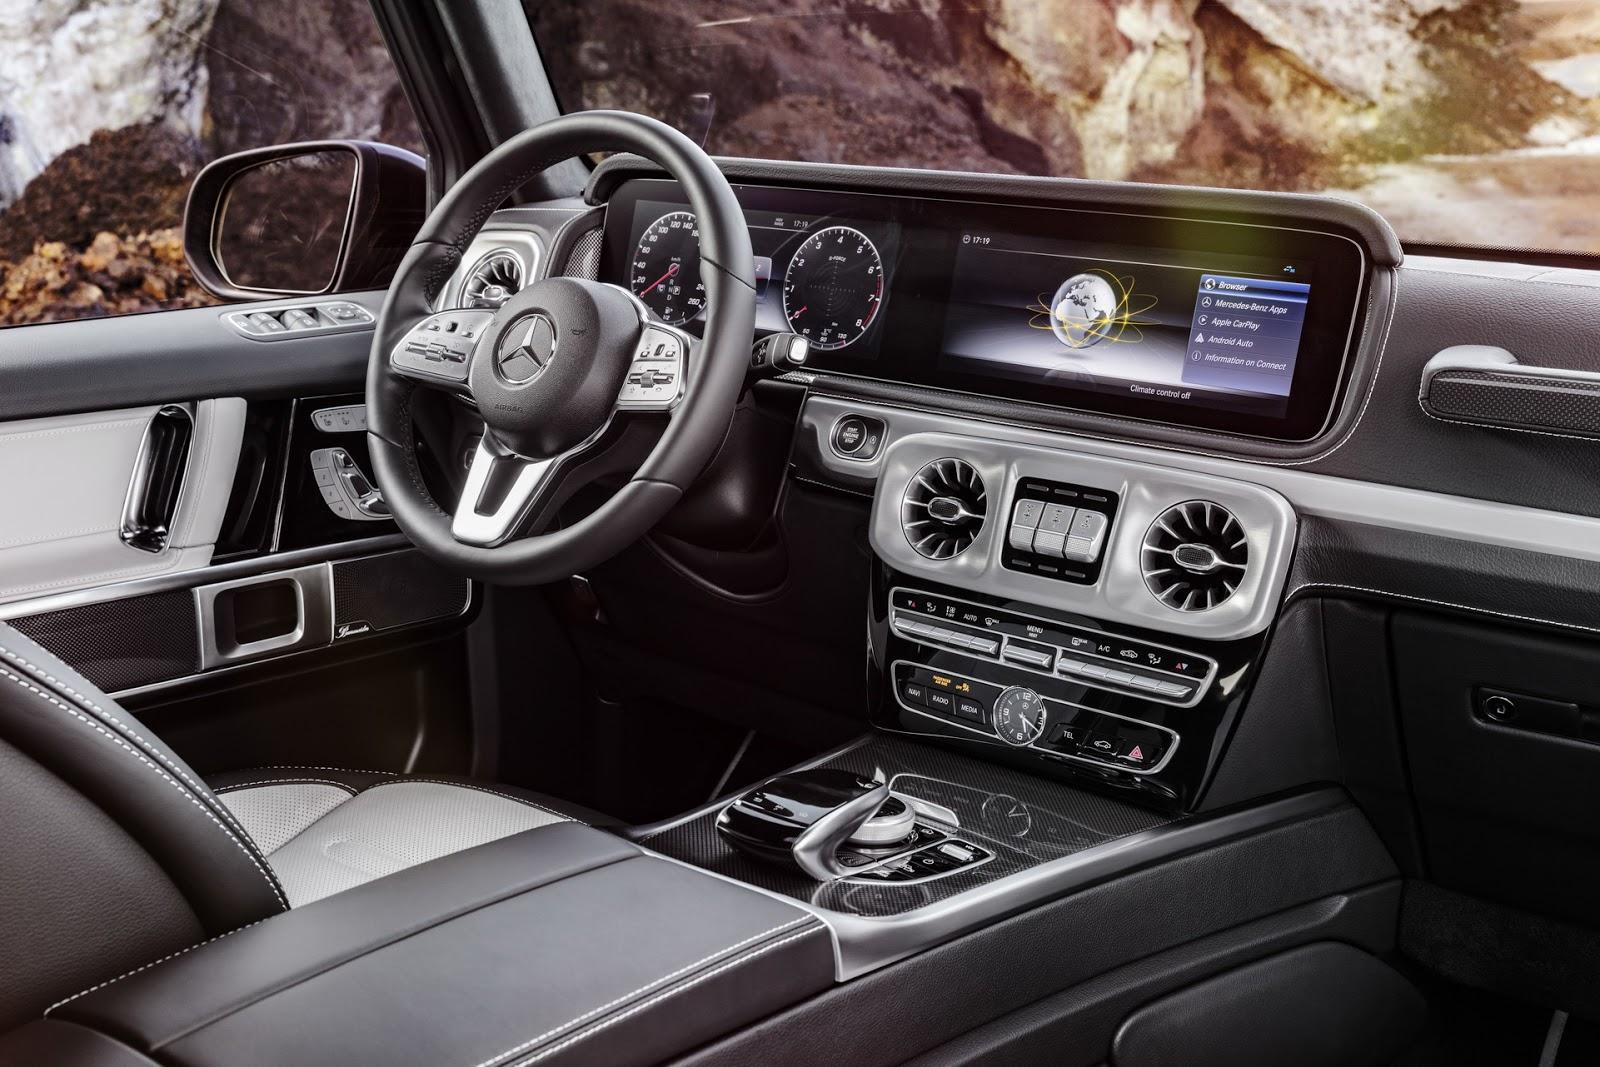 2019-Mercedes-Benz-G-Class-011.jpg